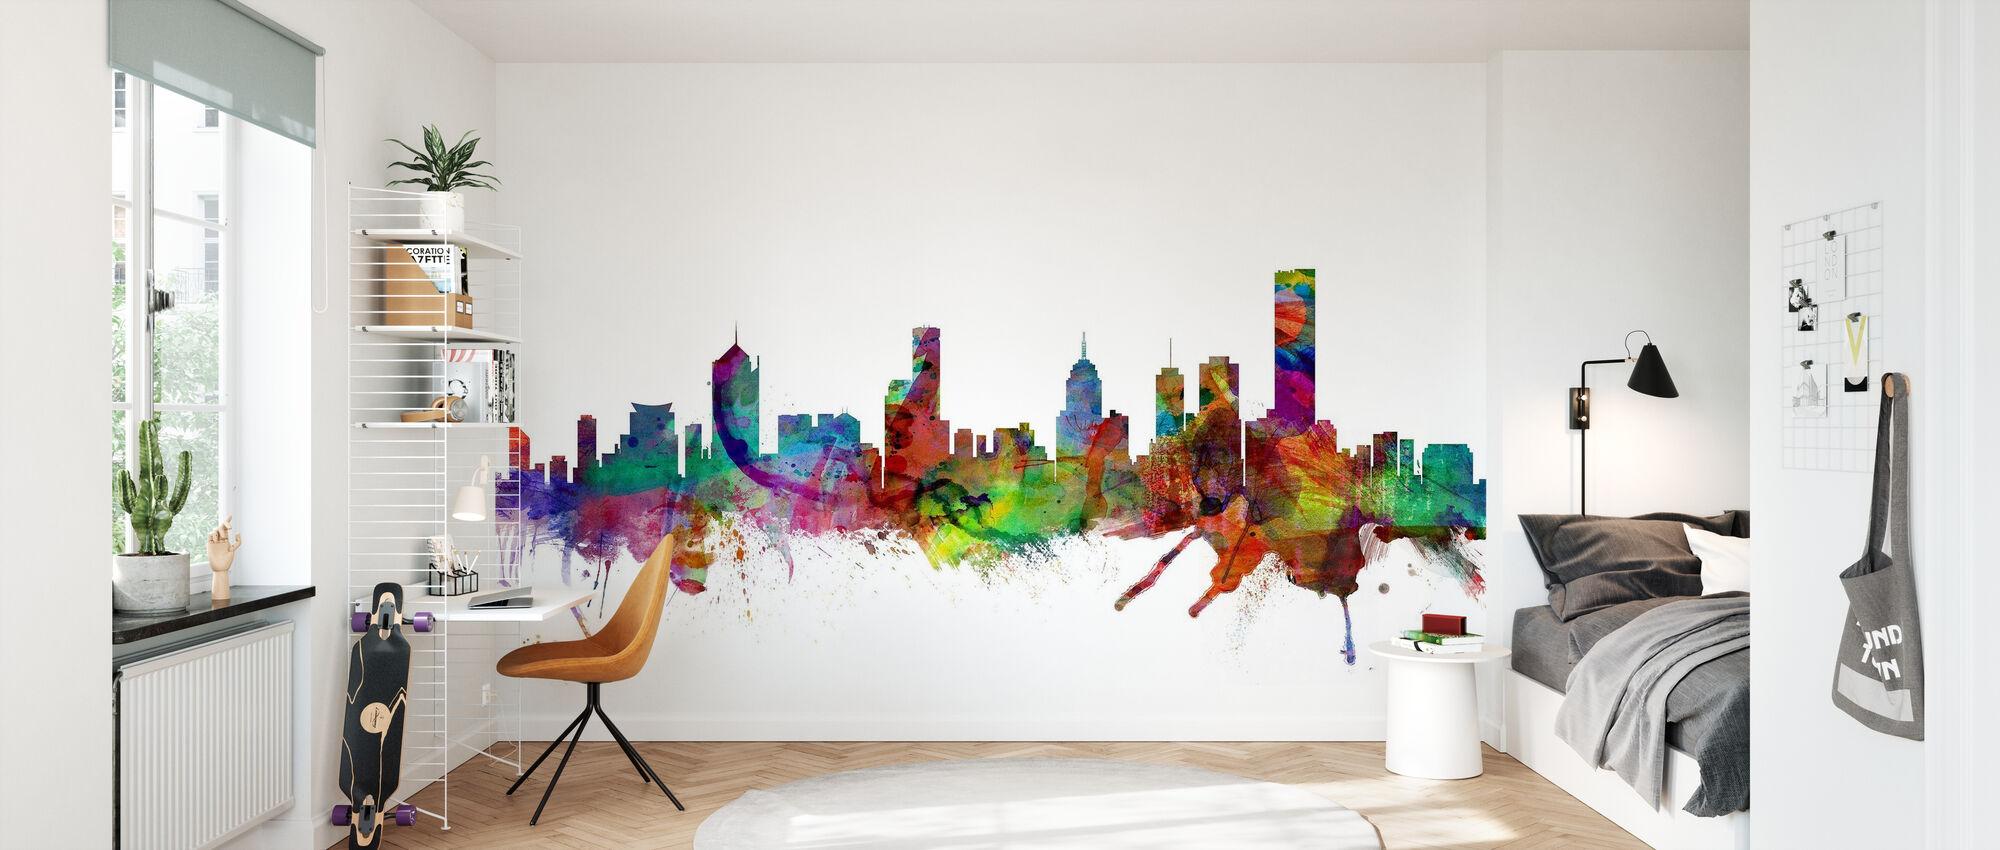 Melbourne Skyline - Wallpaper - Kids Room